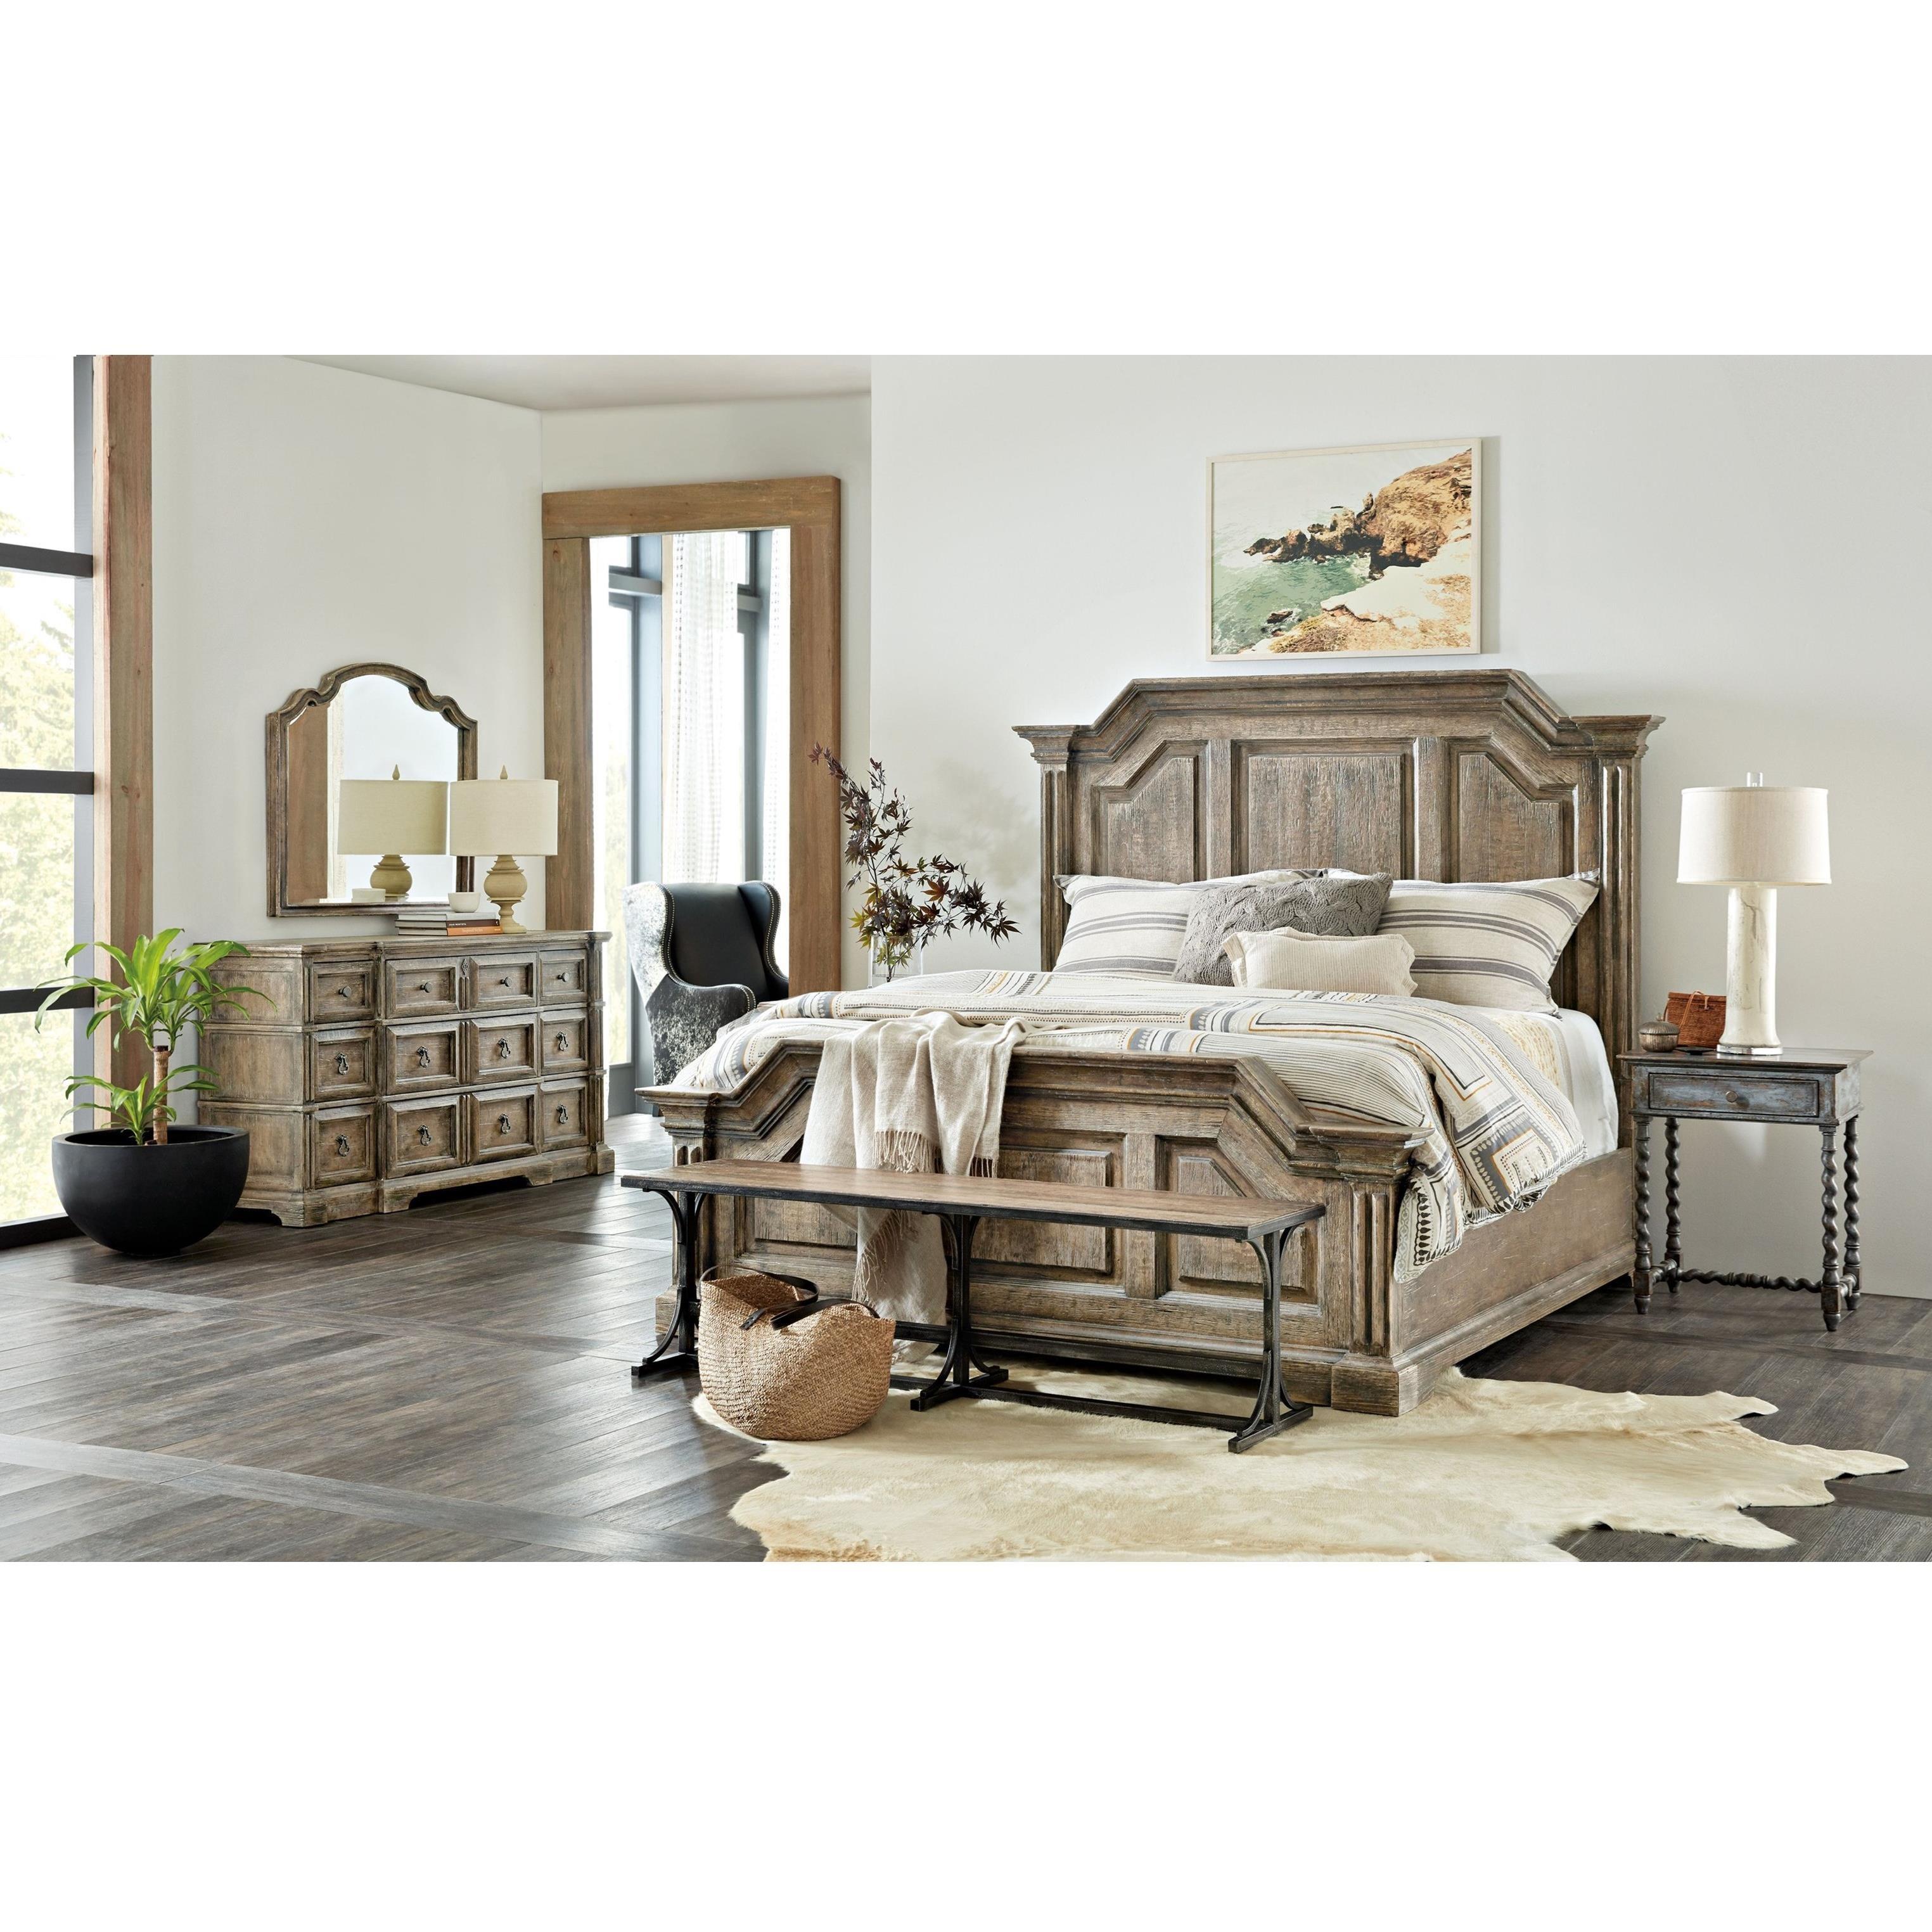 La Grange Queen Bedroom Group at Williams & Kay